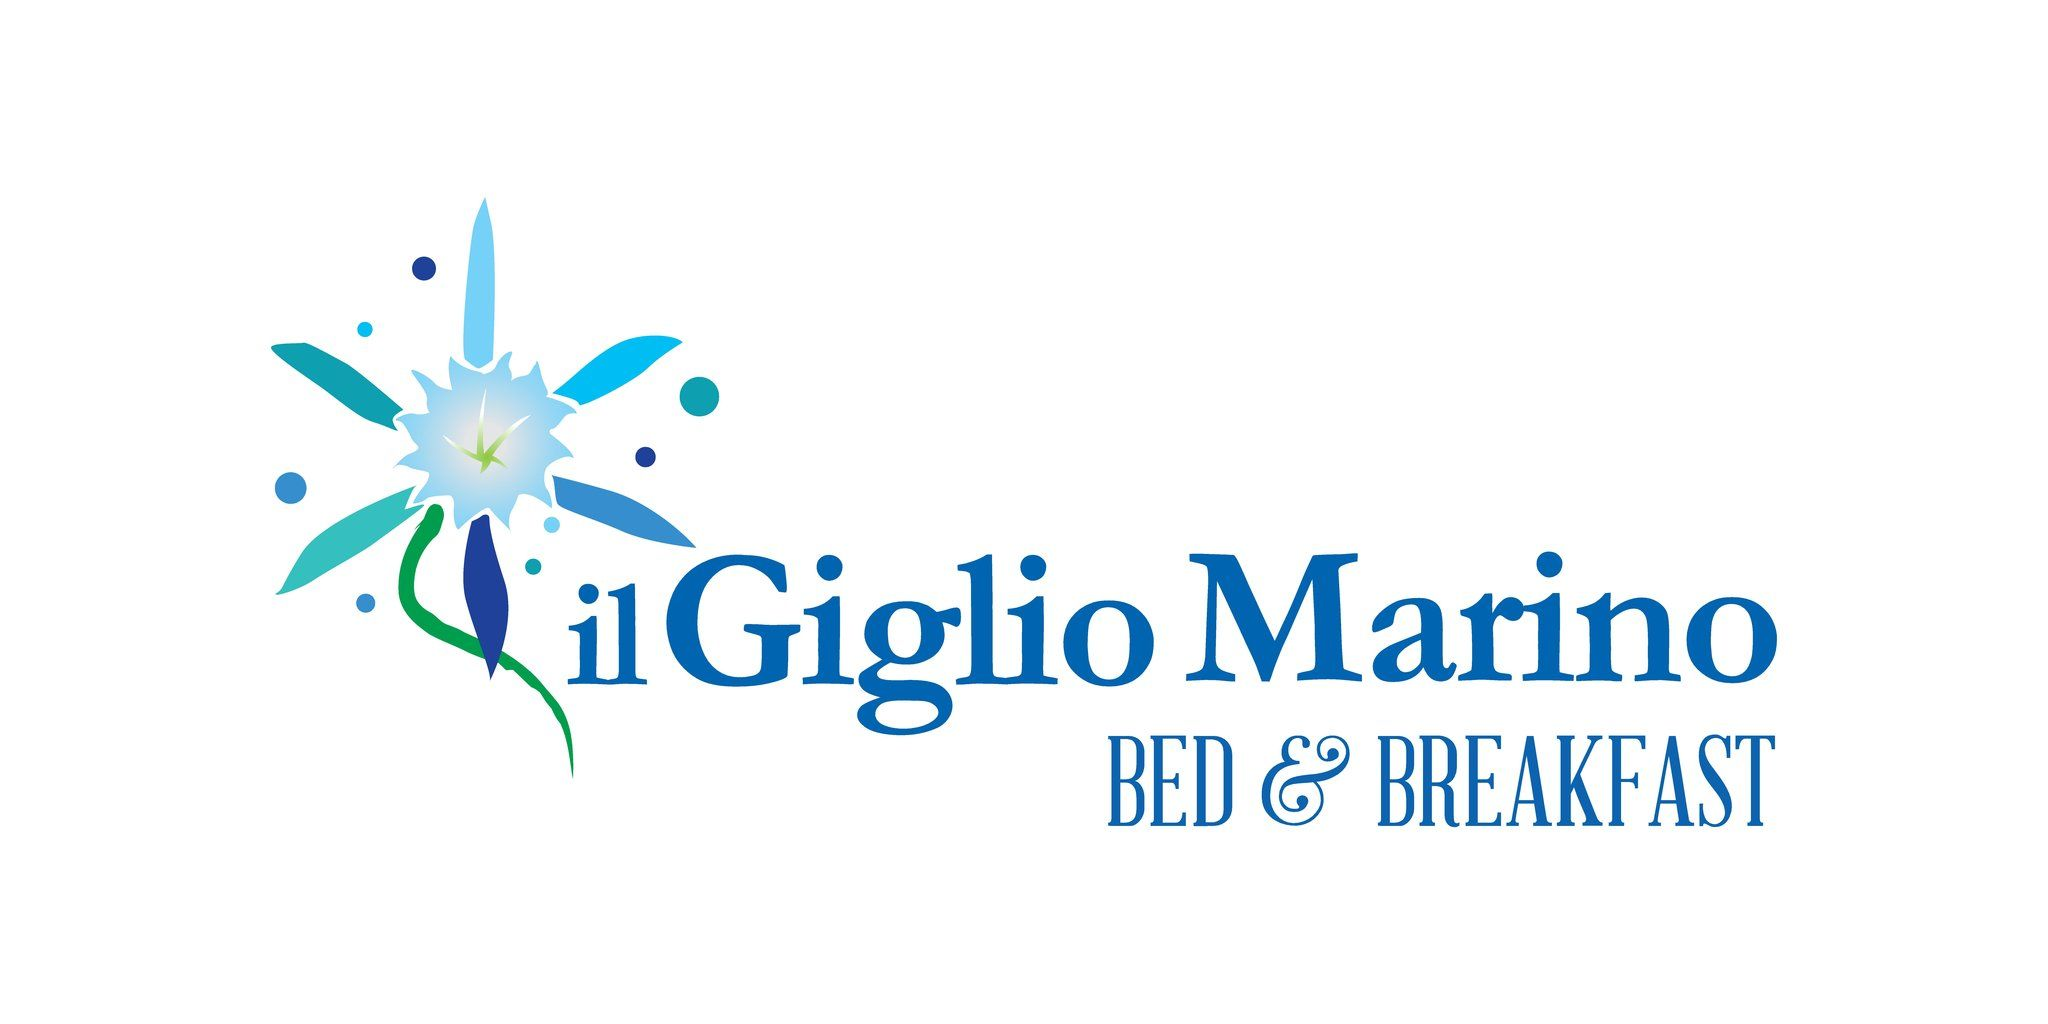 伊尔吉廖圣马力诺住宿加早餐旅馆